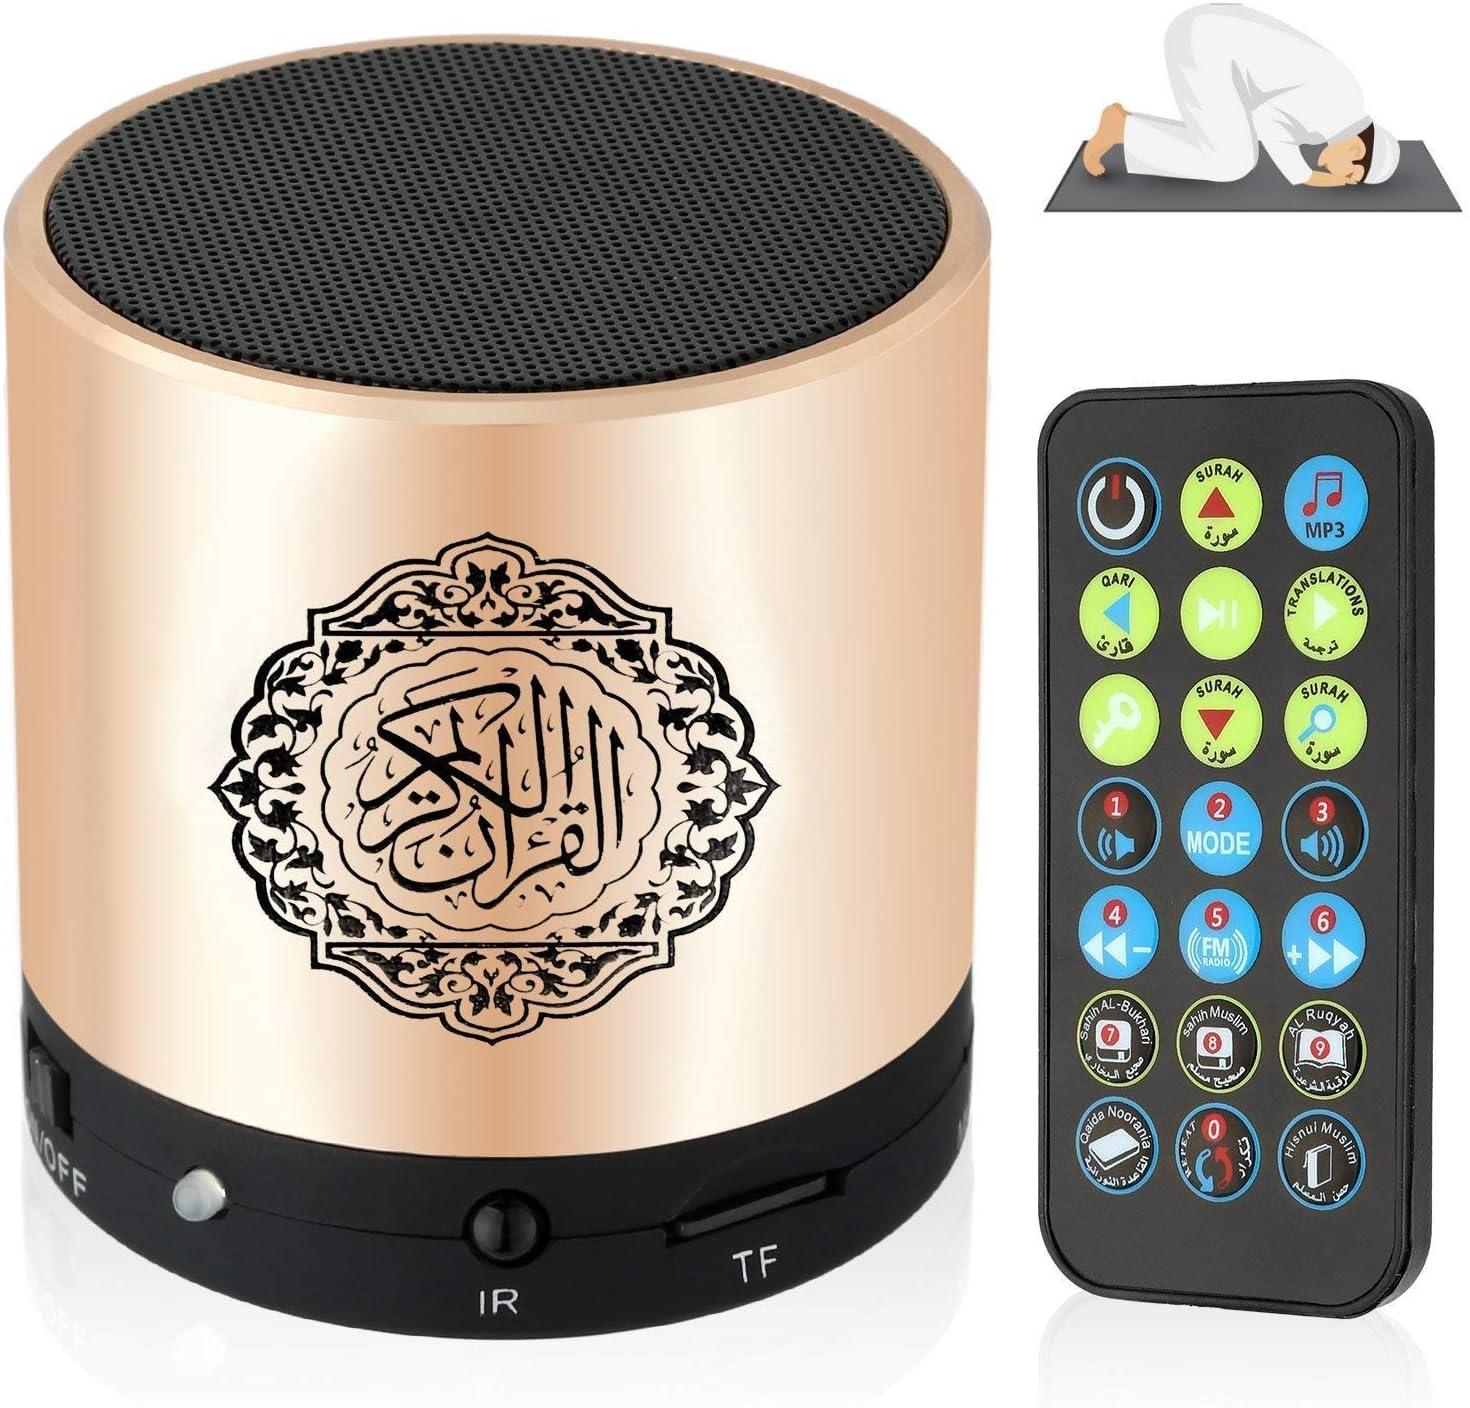 Siruiku Remote Control Quran Speaker Portable Arabic Islam Quran Muslim Mp3 Player 8GB TF FM Quran Translator USB Rechargeable